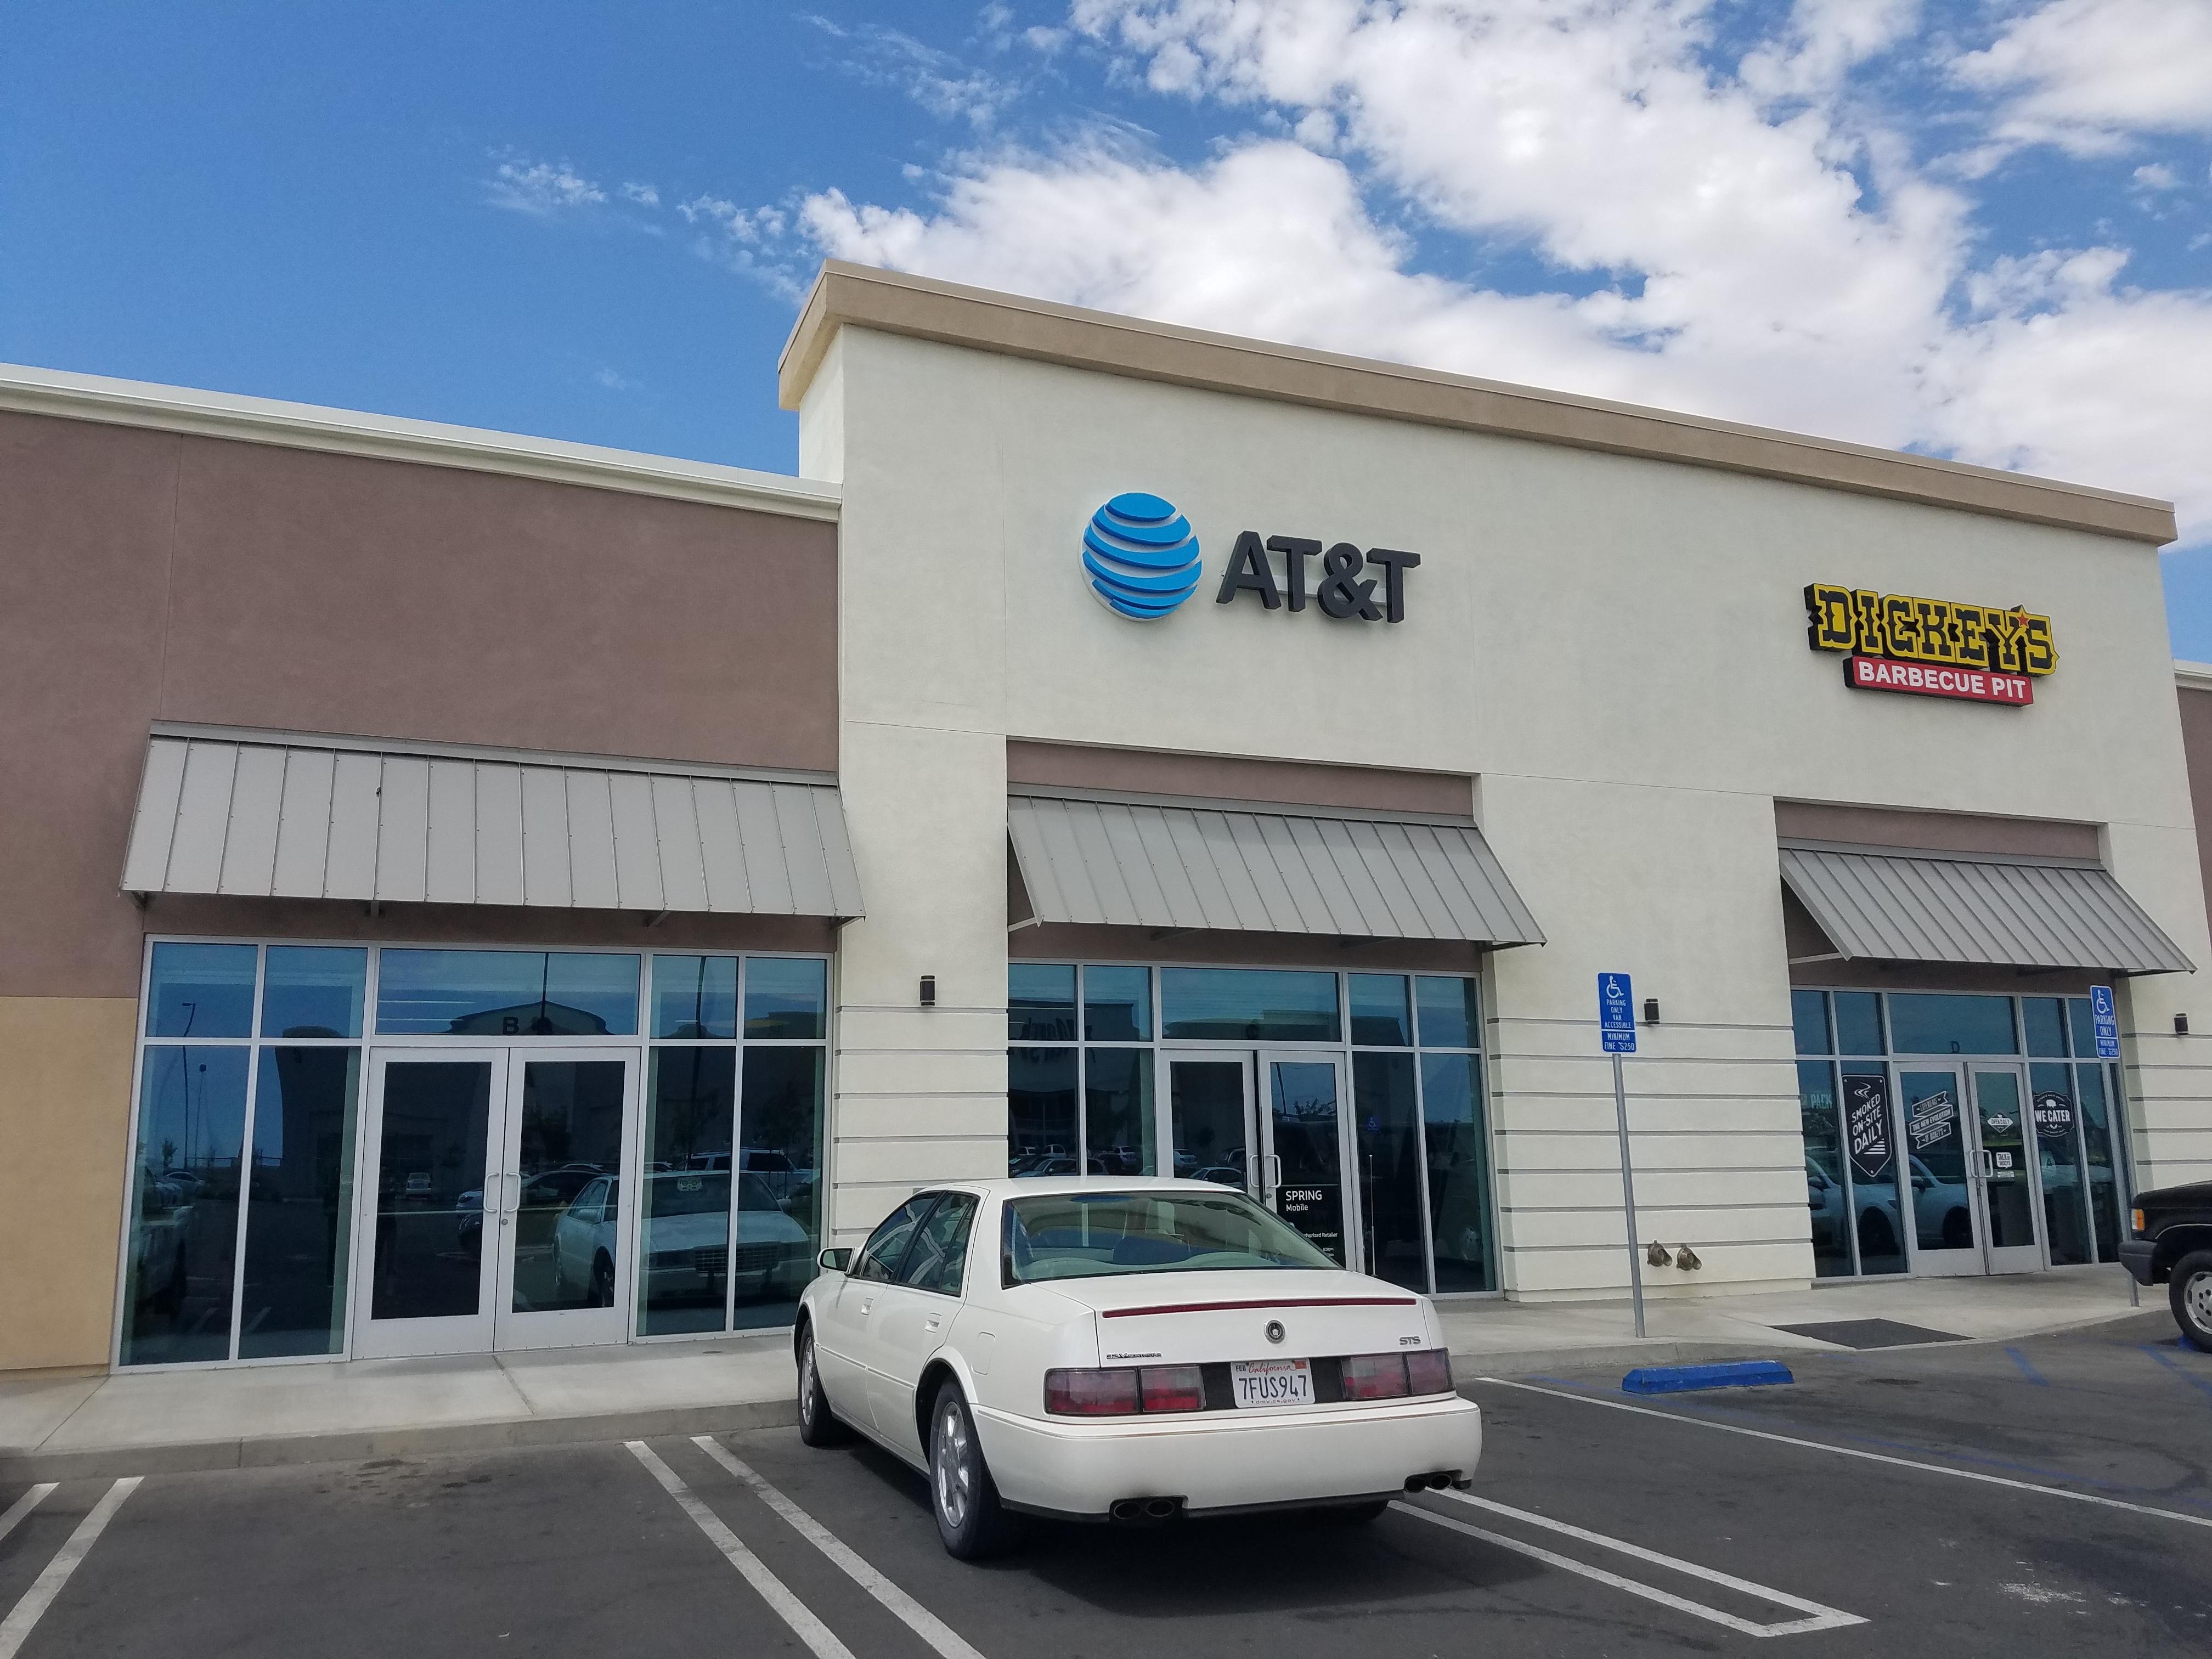 AT&T image 5